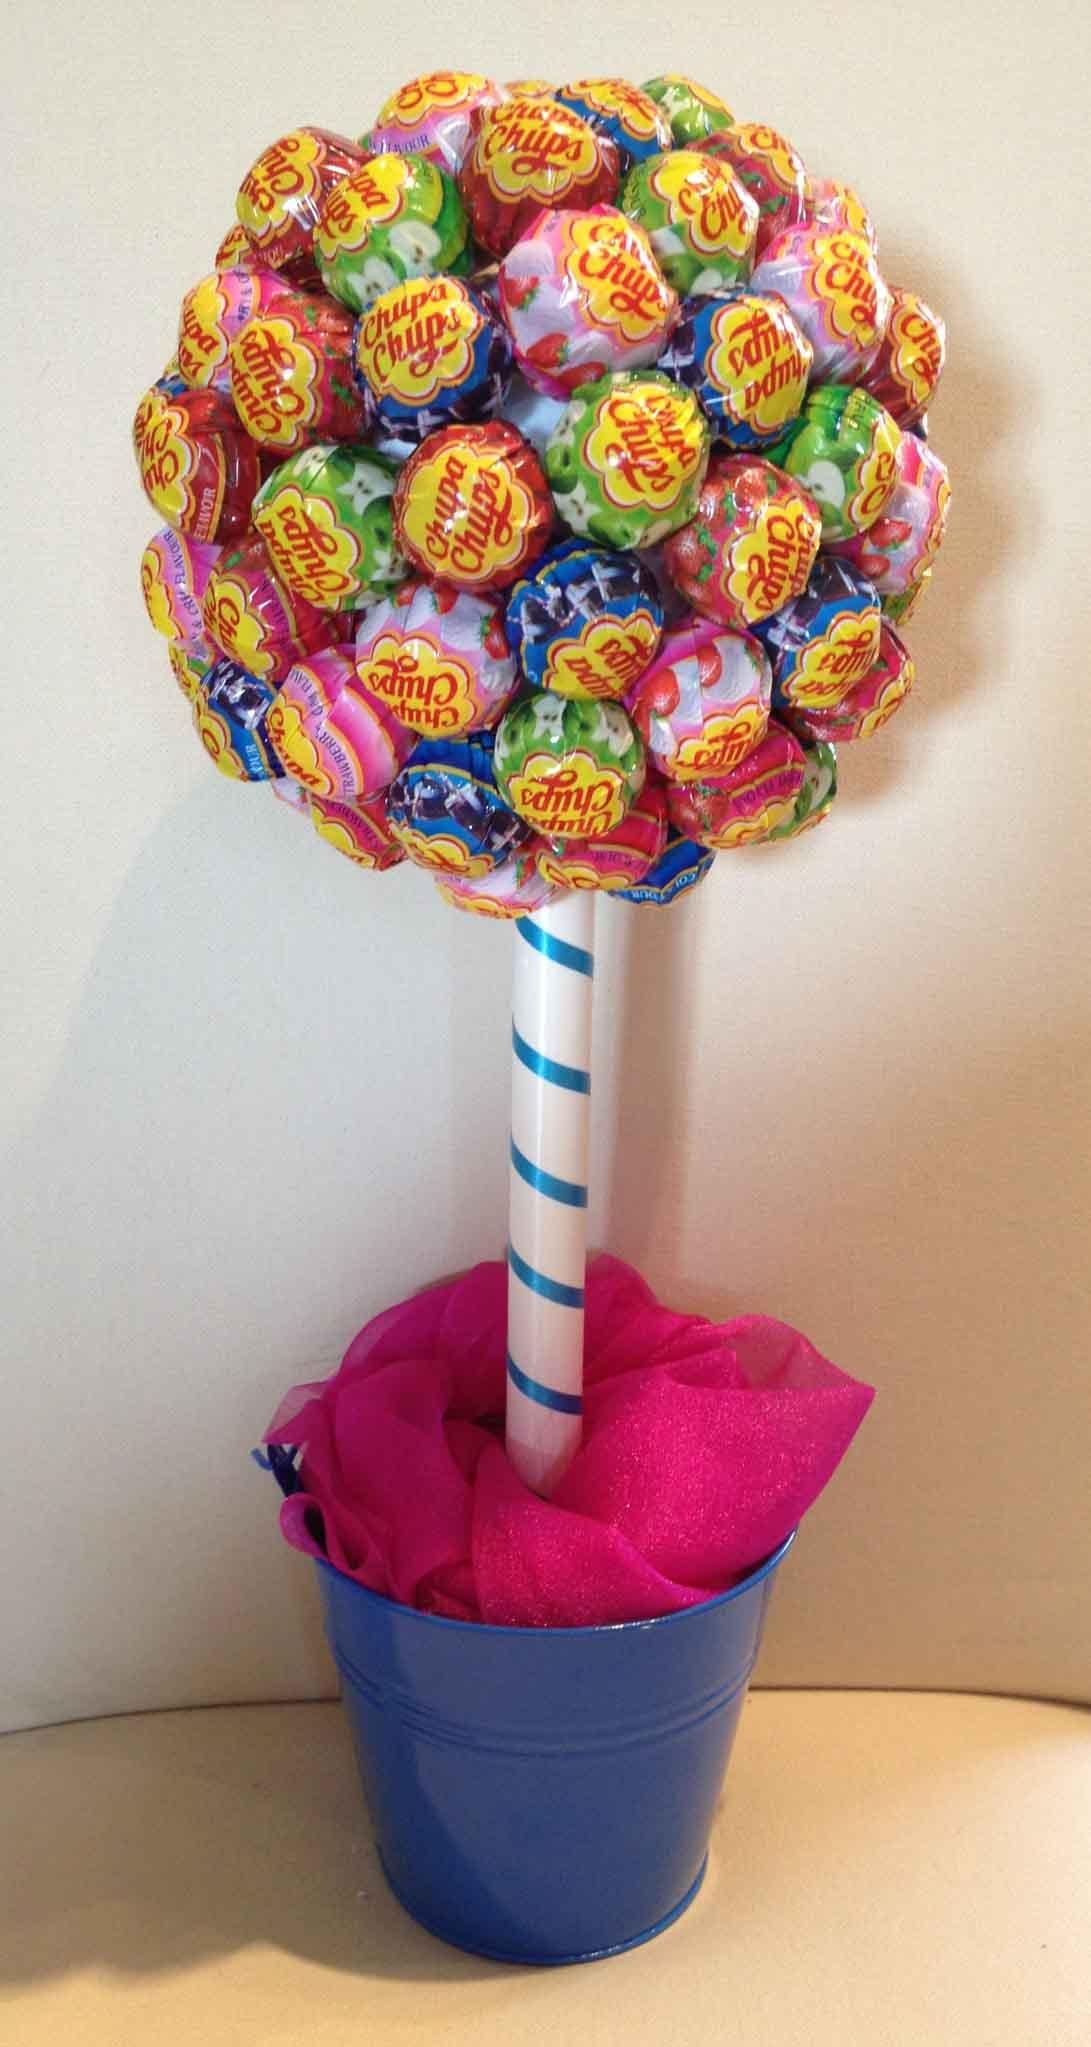 Дерево счастья своими руками из конфет мастер класс 7